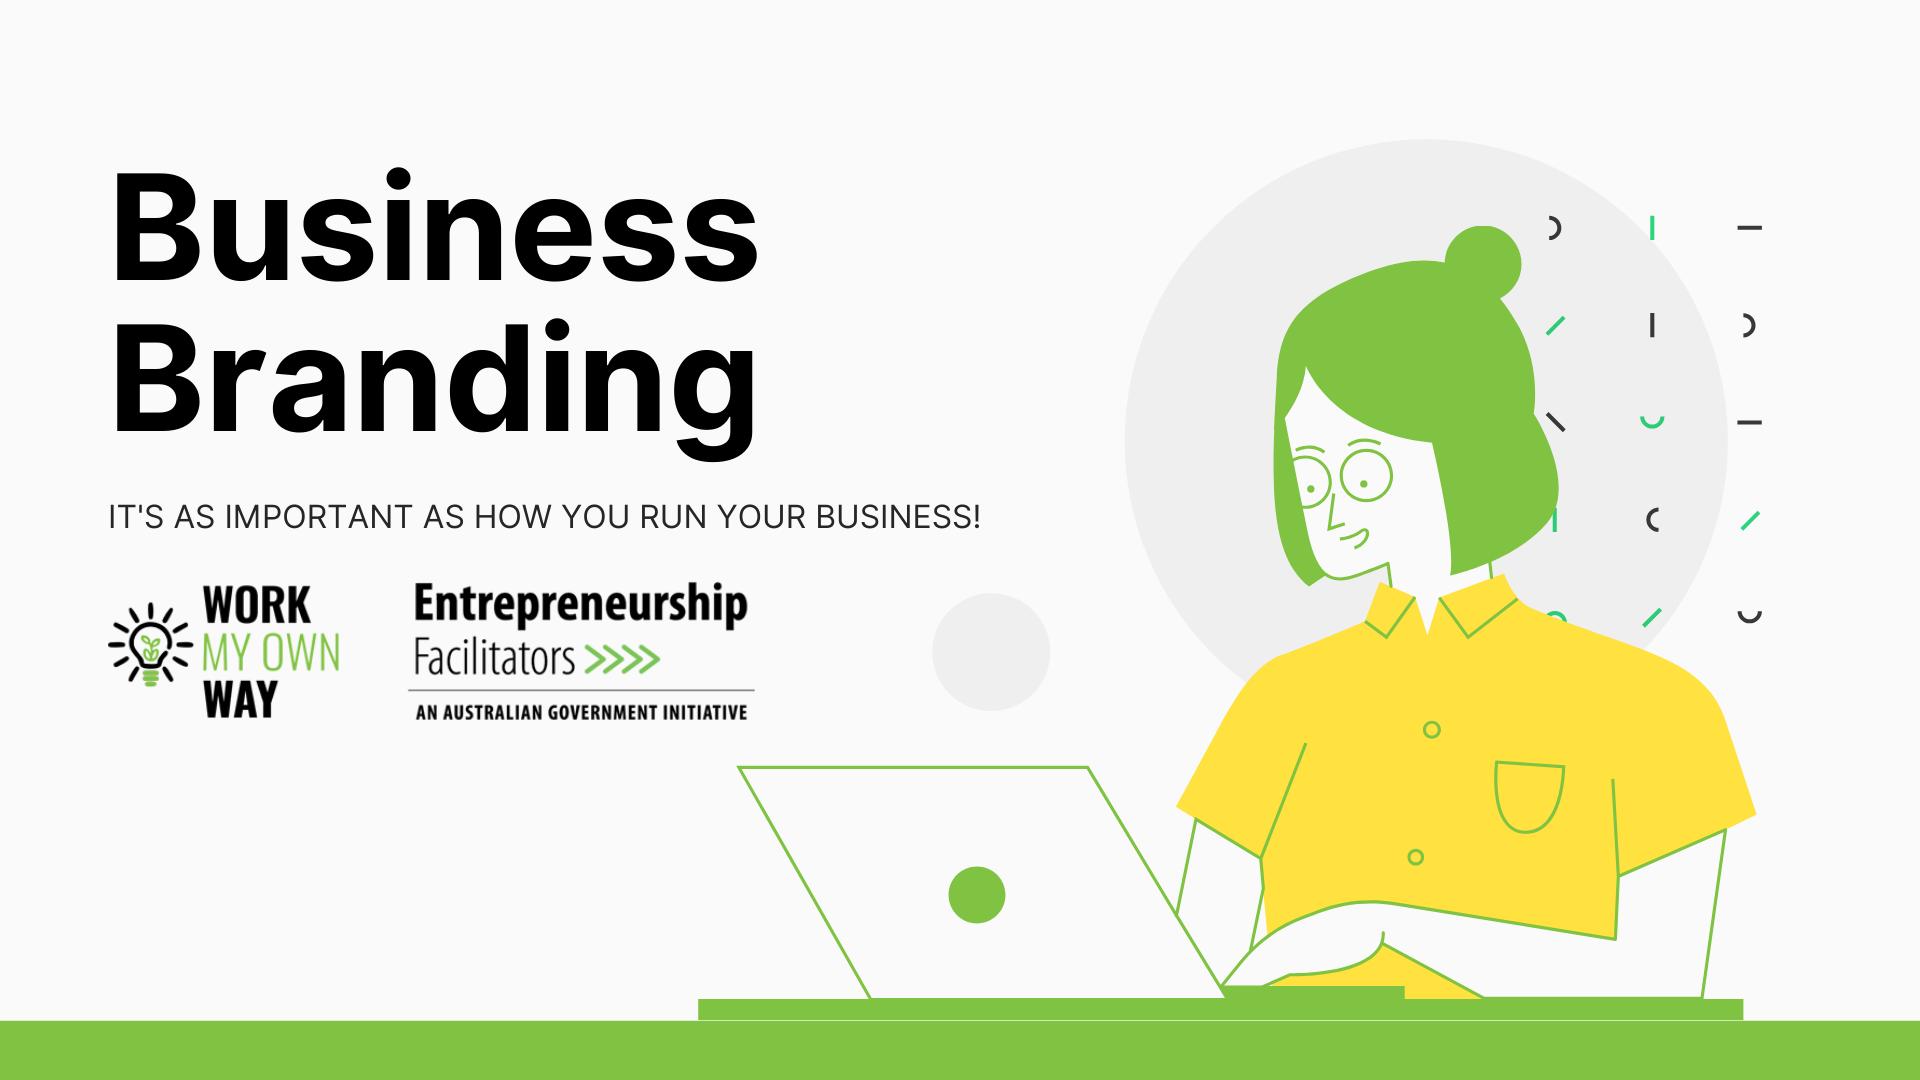 Business Branding blog post